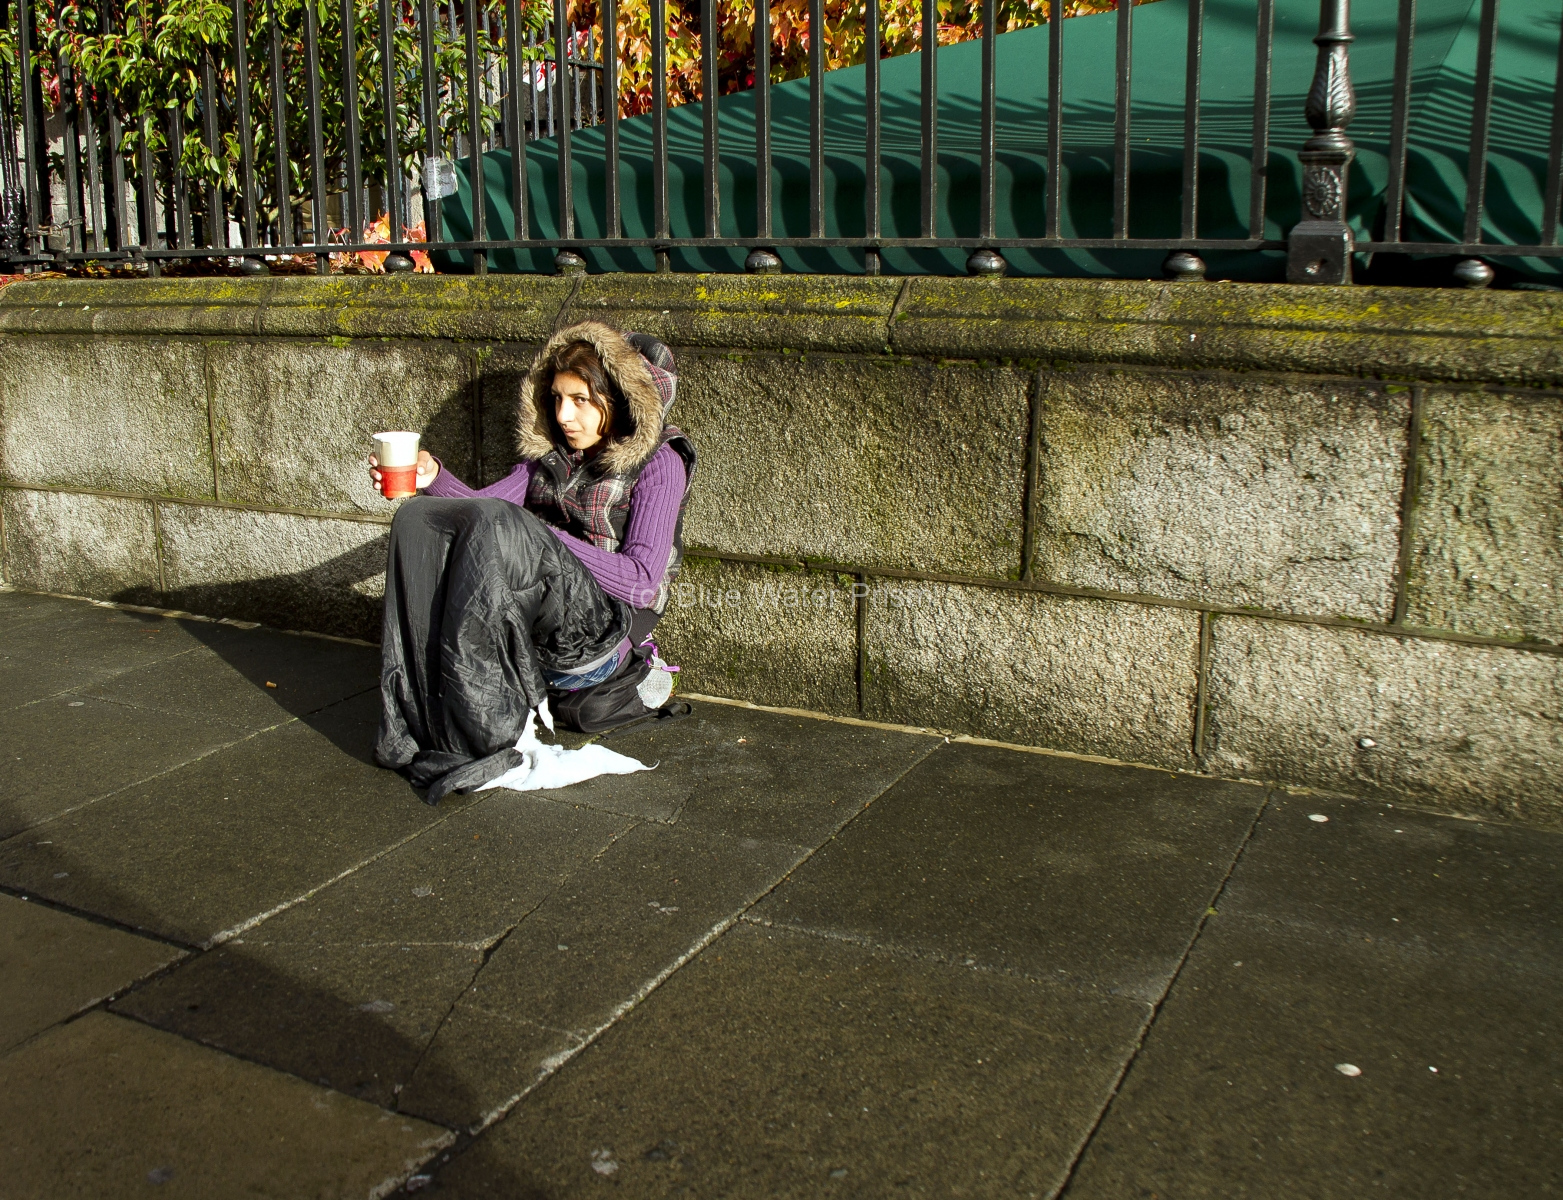 DublinStreetBeggar